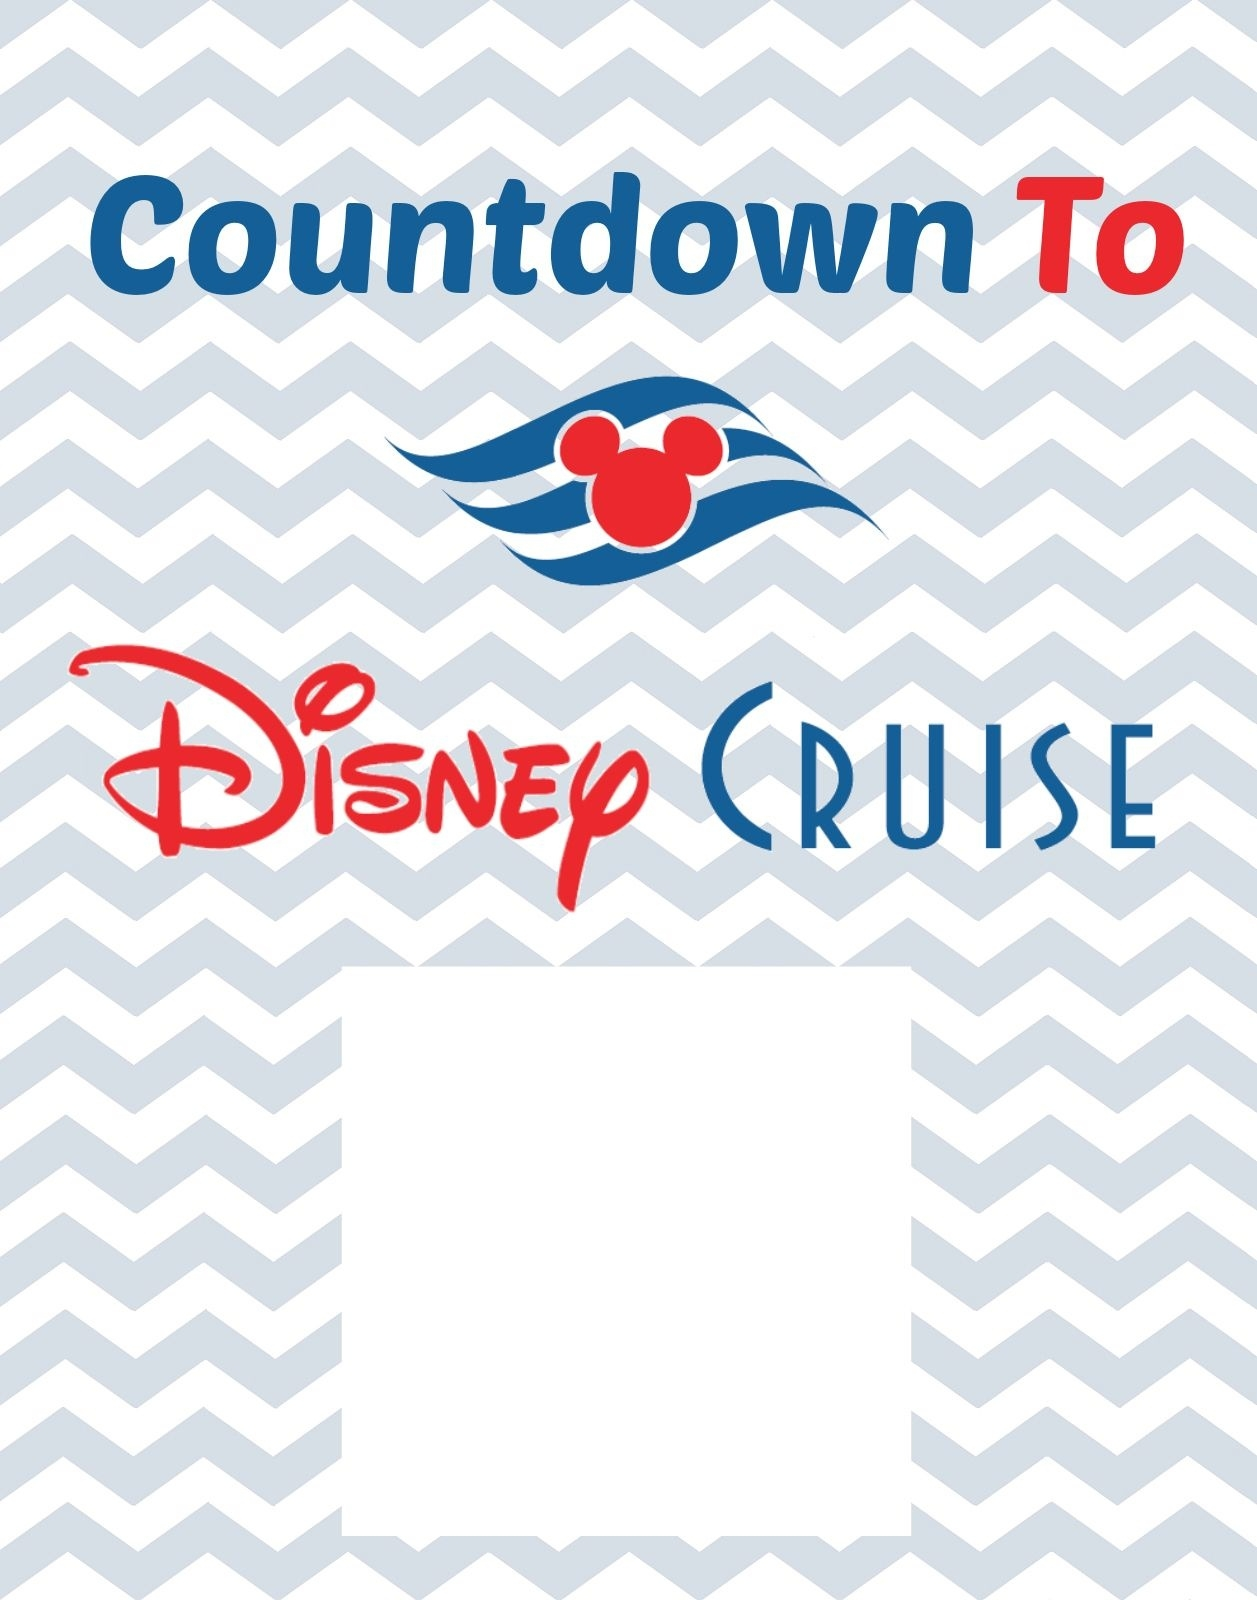 Countdown To Disney Cruise Free Printable | Disney Cruise | Disney_Countdown Calendar For Cruise